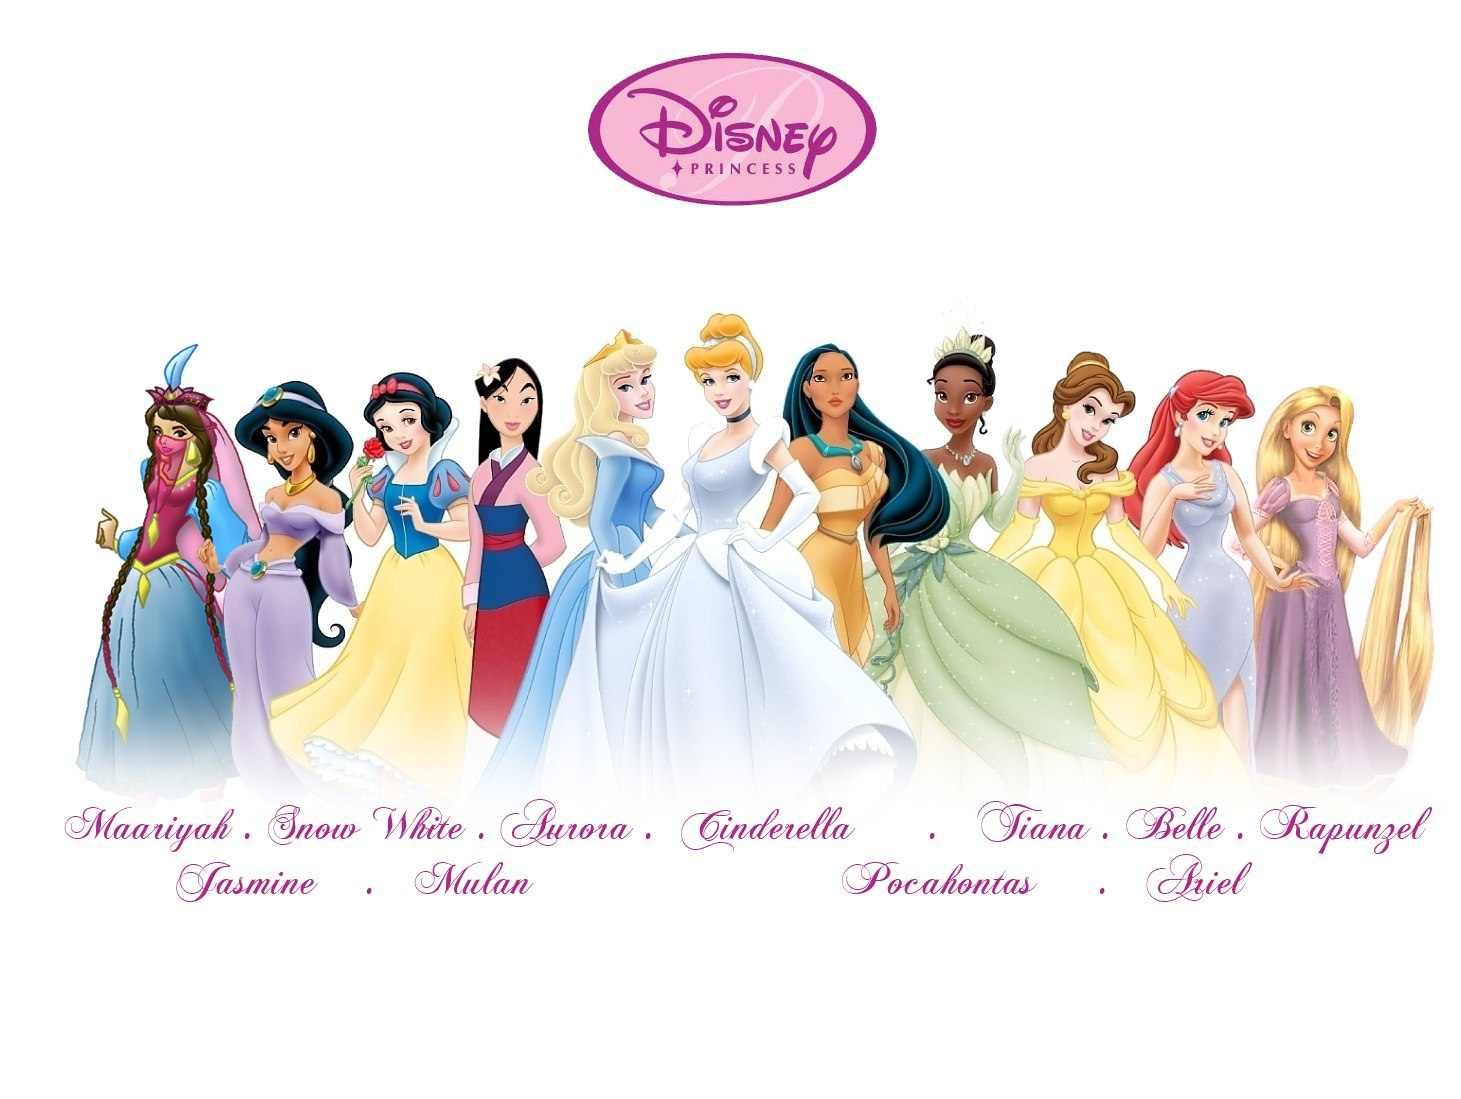 Disney Princess Names disney princesses  3  -